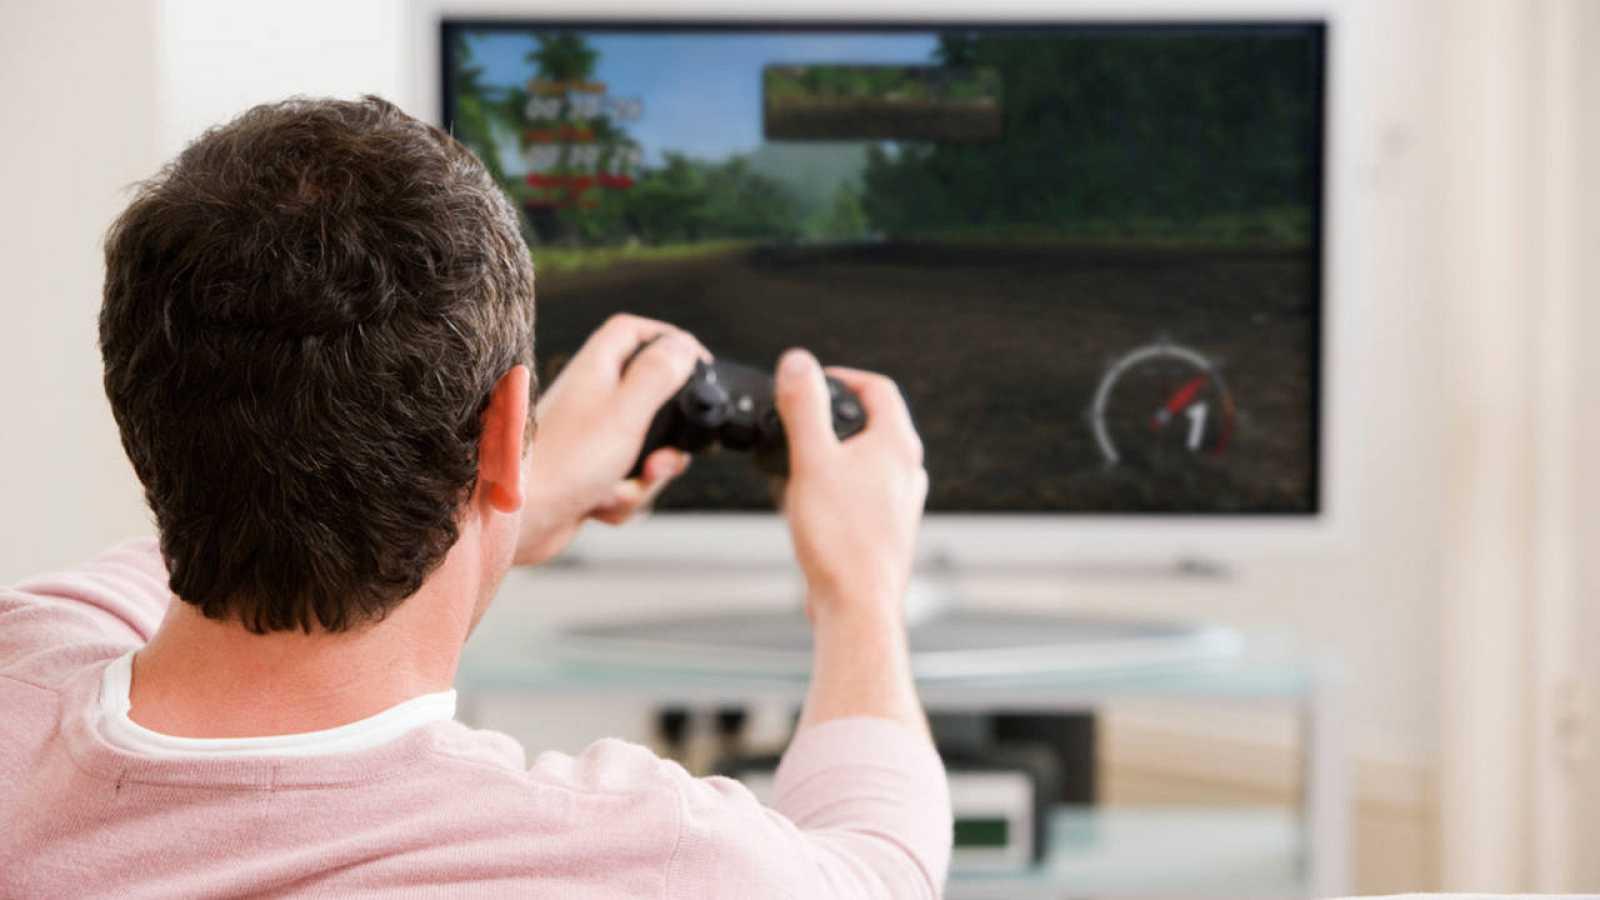 Los vídeojugadores españoles dedican una media semanal de 5,7 horas a esta afición.